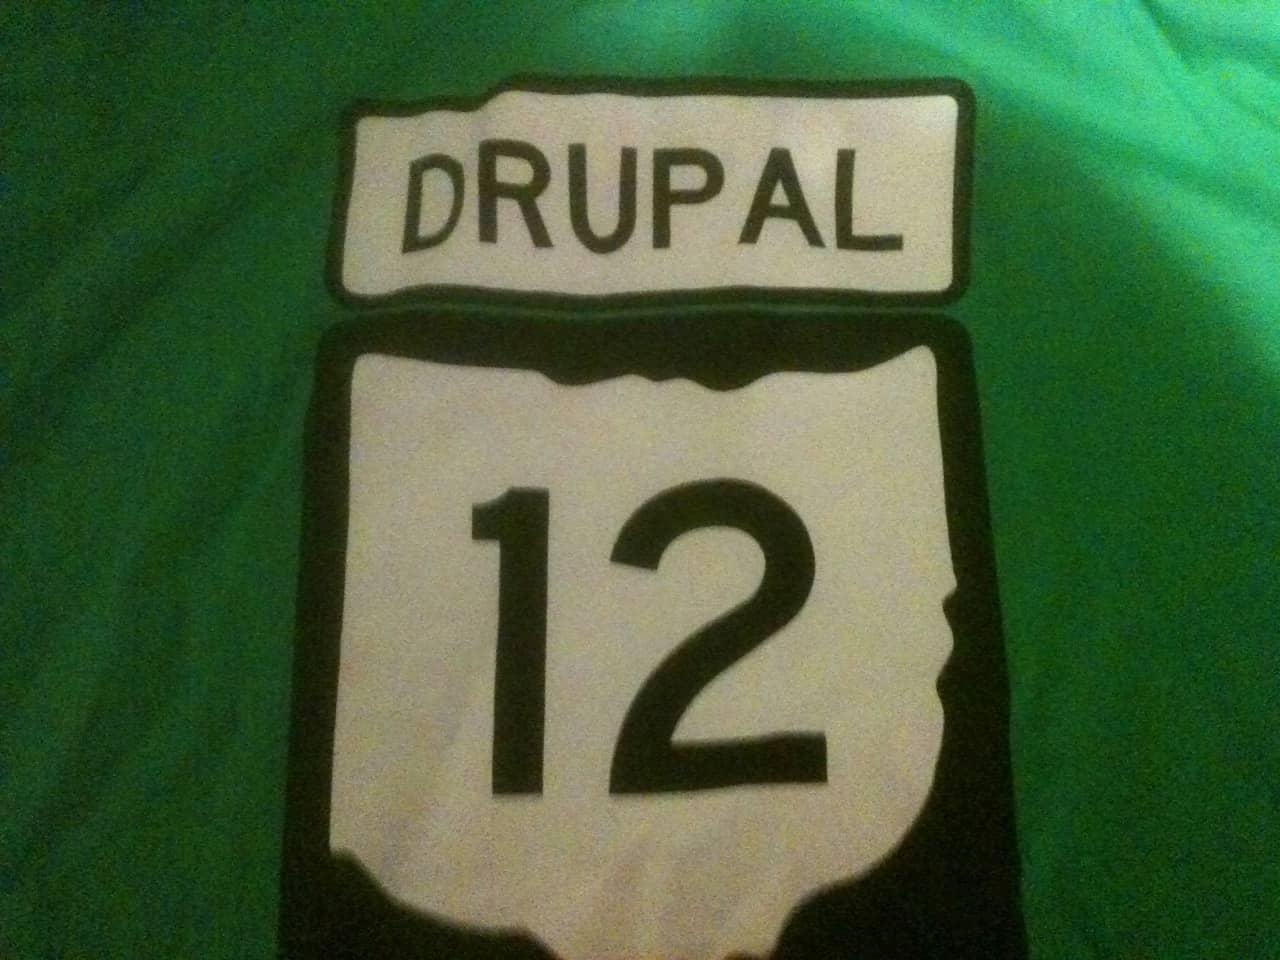 Drupal Camp